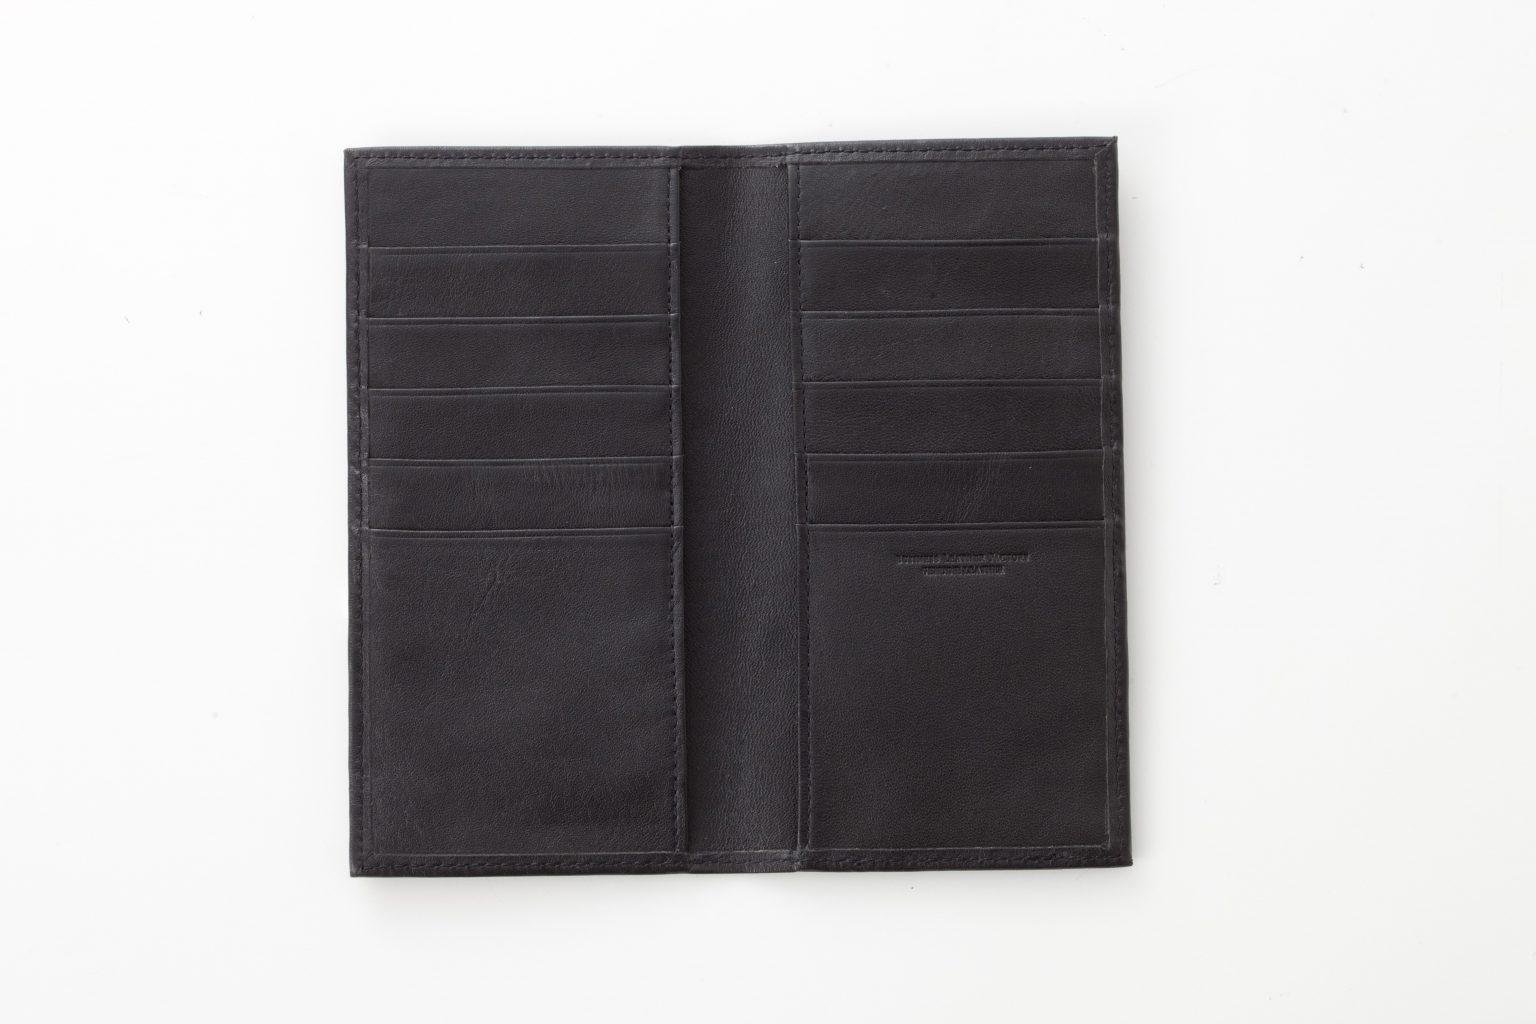 スリムカードホルダー ブラック Business Leather Factory(ビジネスレザーファクトリー)